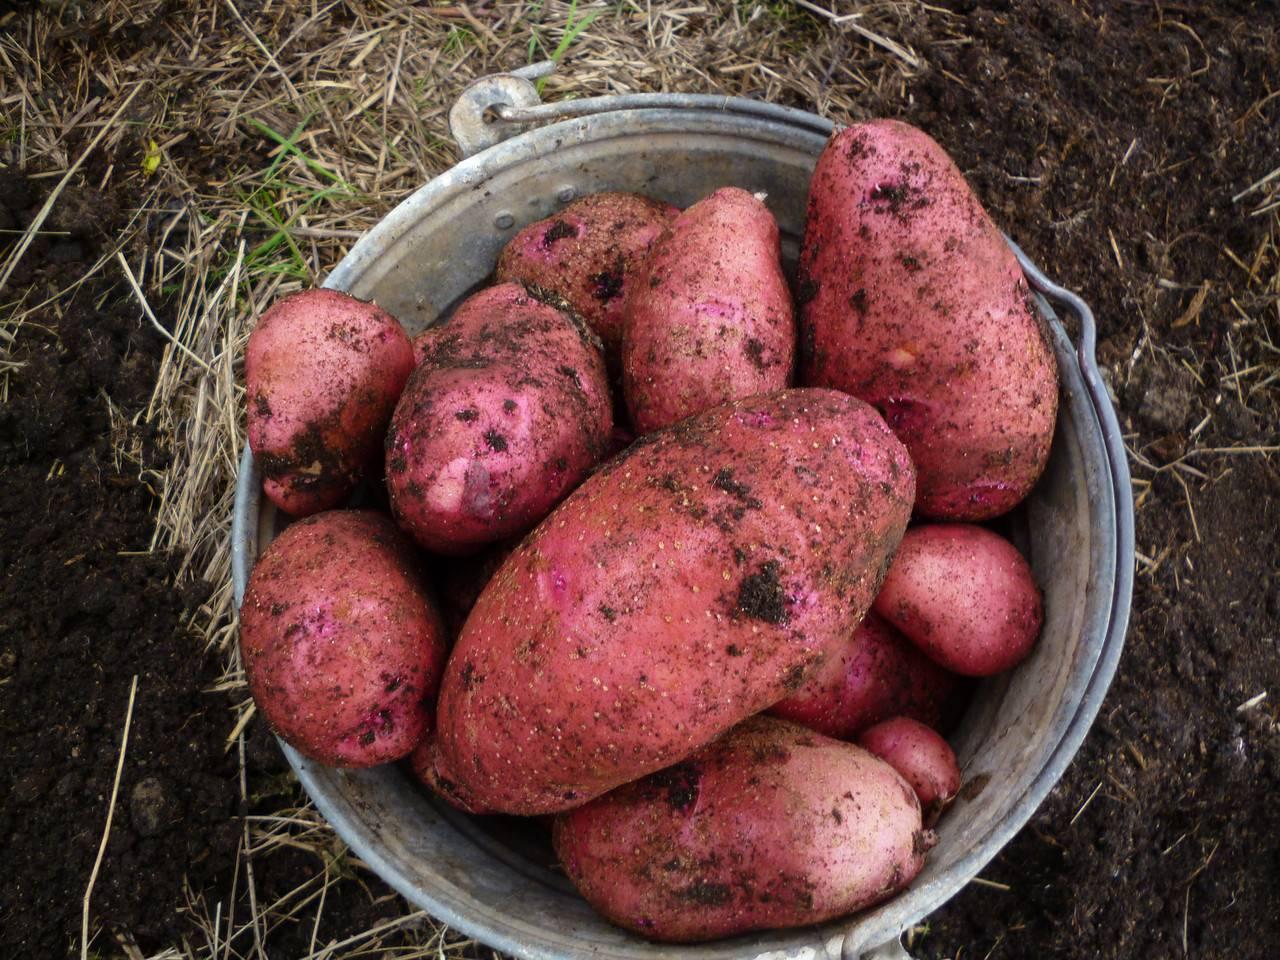 Джелли картофель – описание и фото сорта + видео